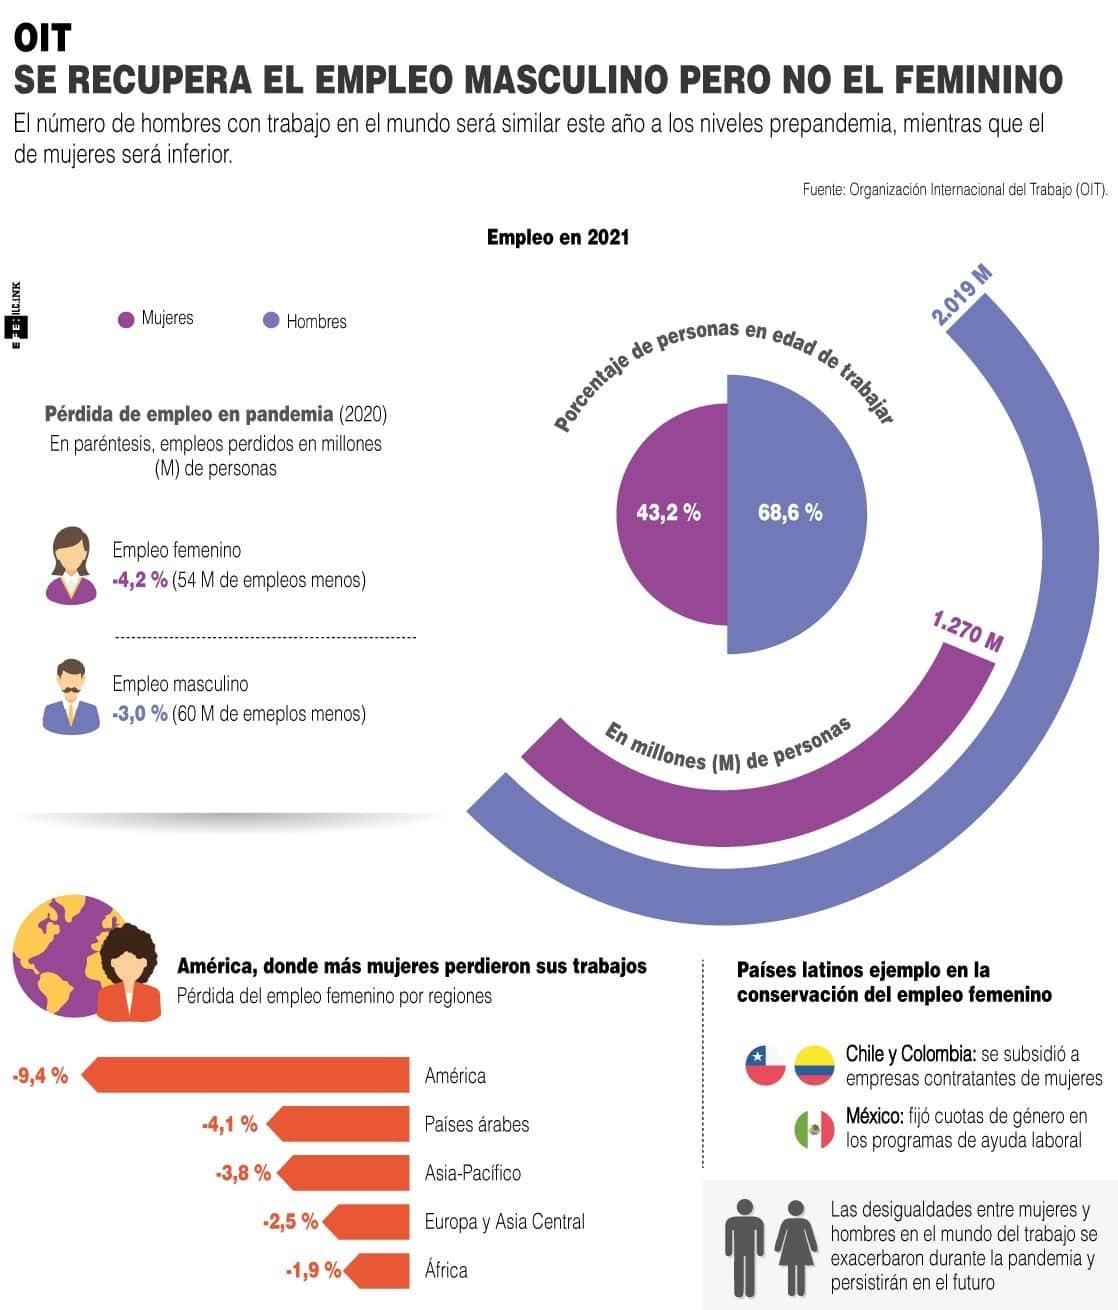 [Infografía] Se recupera el empleo masculino en el mundo, pero no el femenino 1